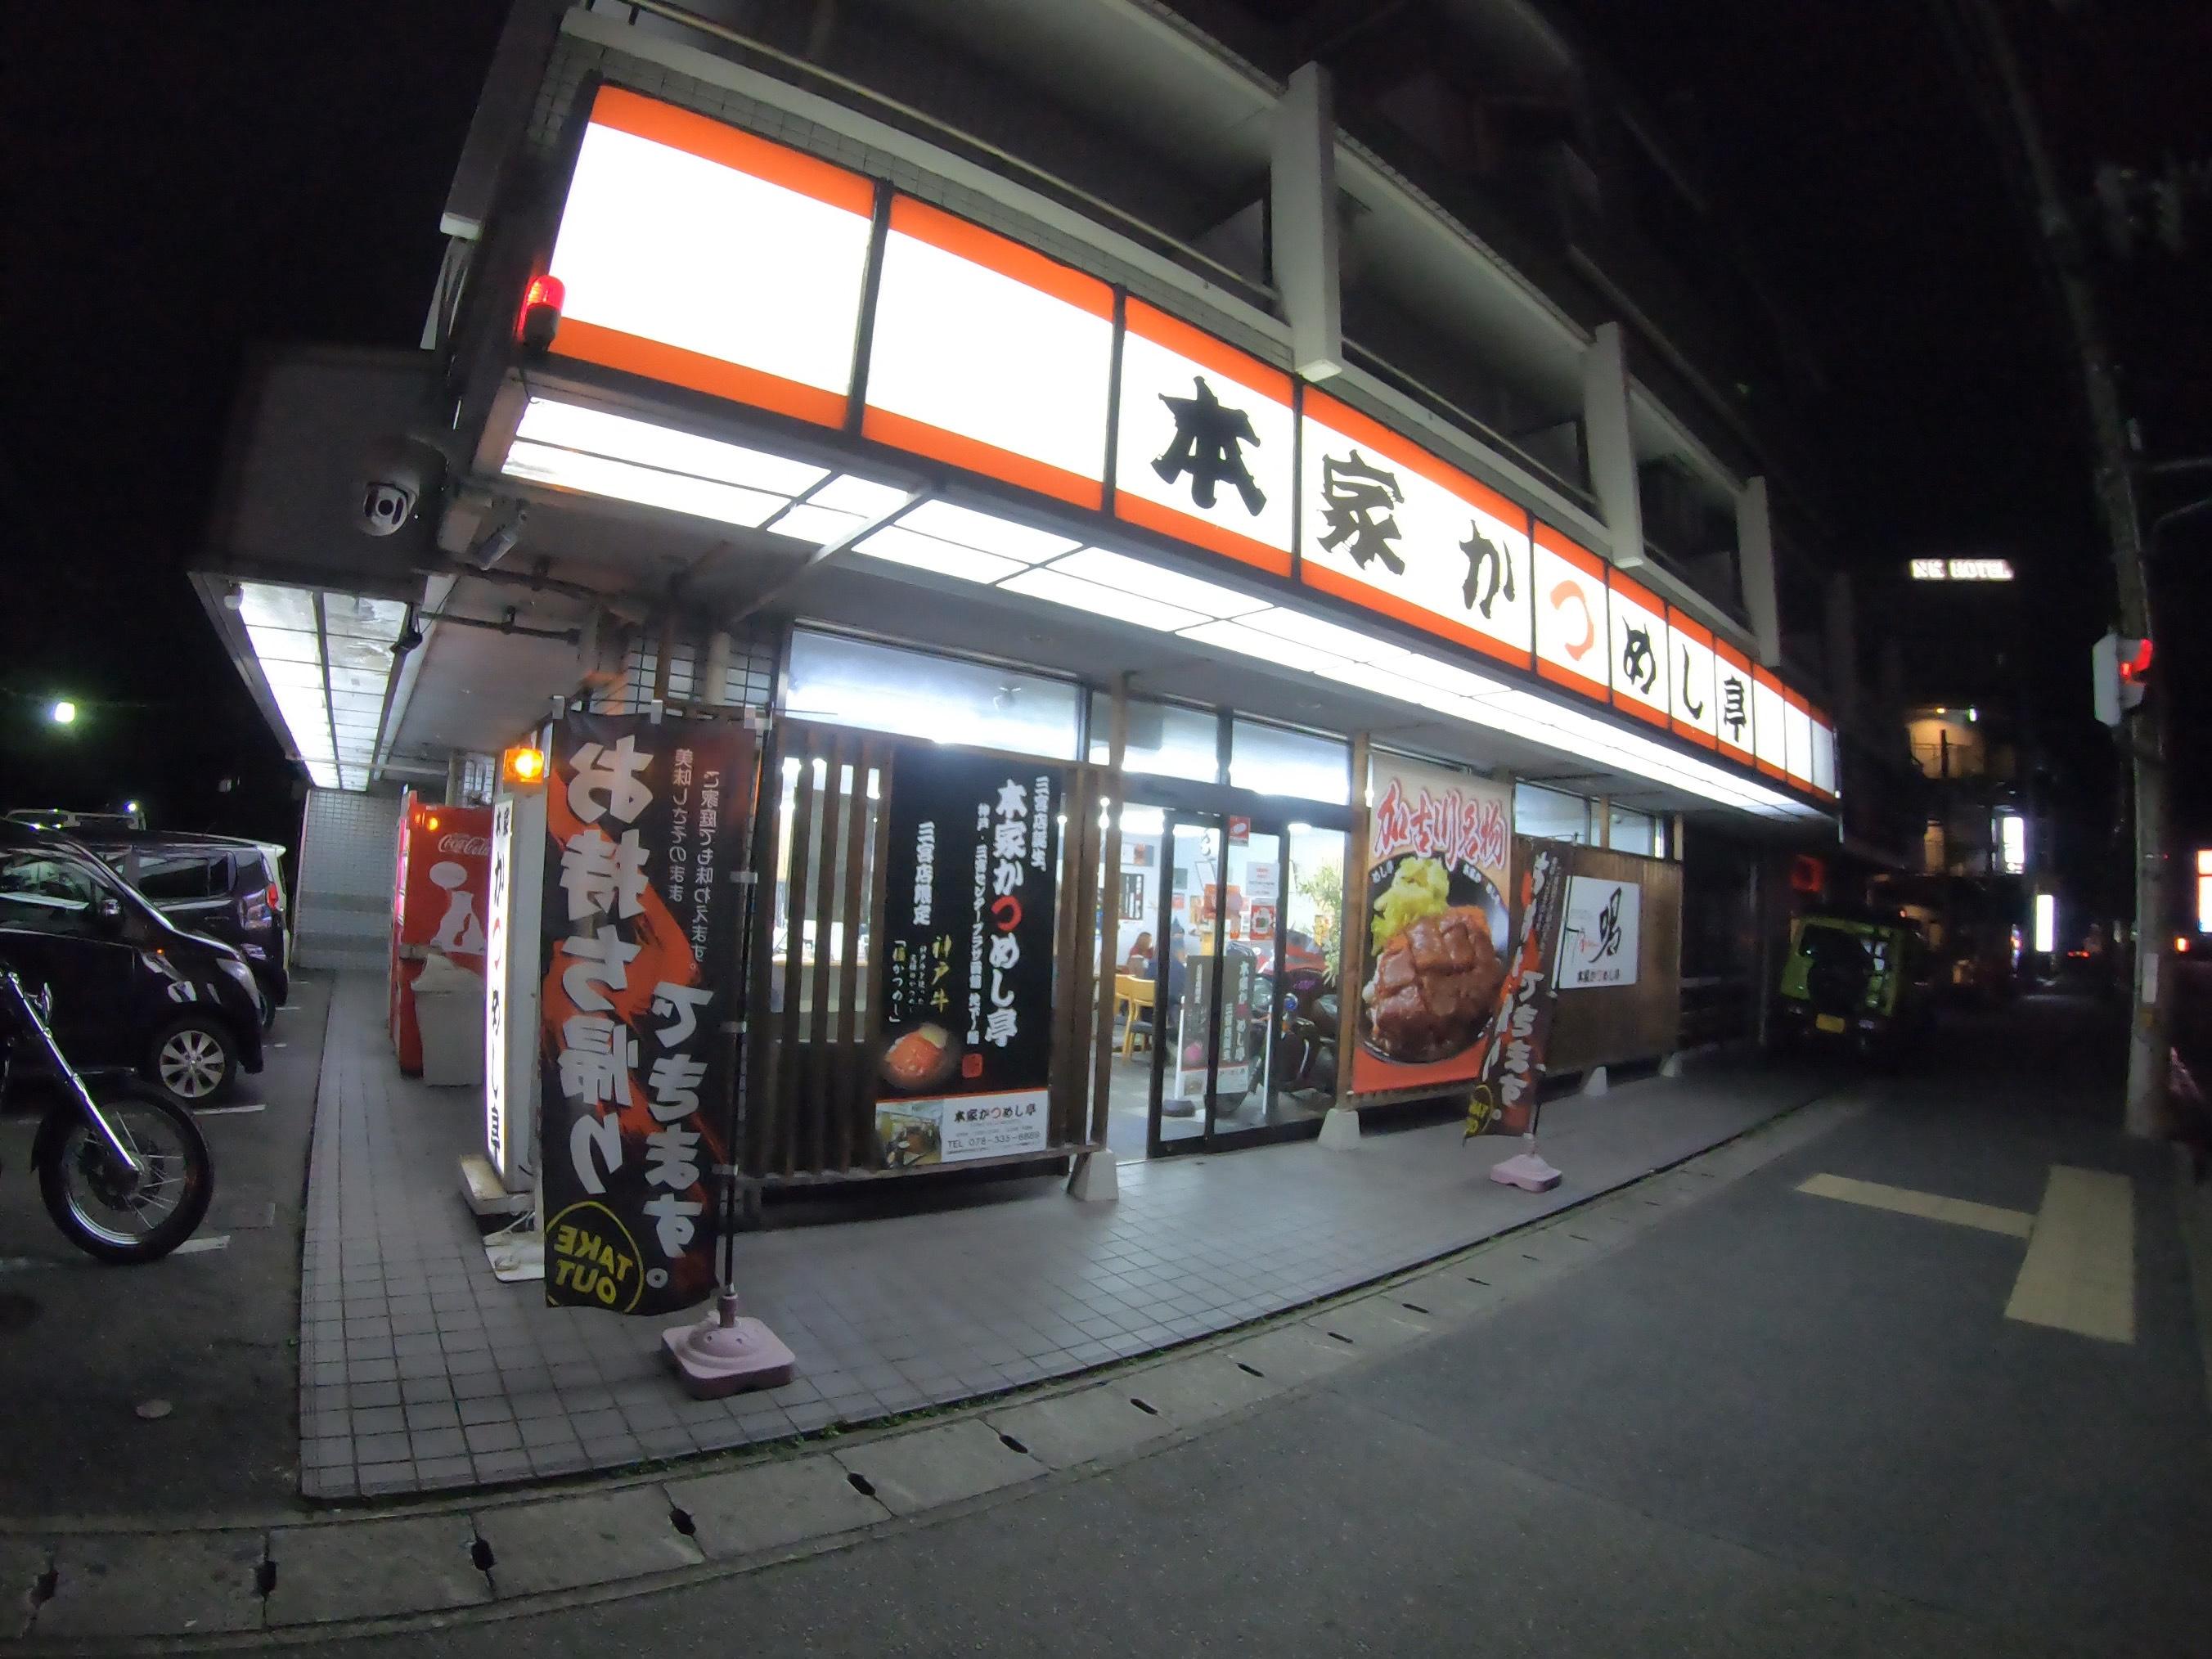 ぴーきちハーレーブログ 加古川市 本家かつめし亭 店舗